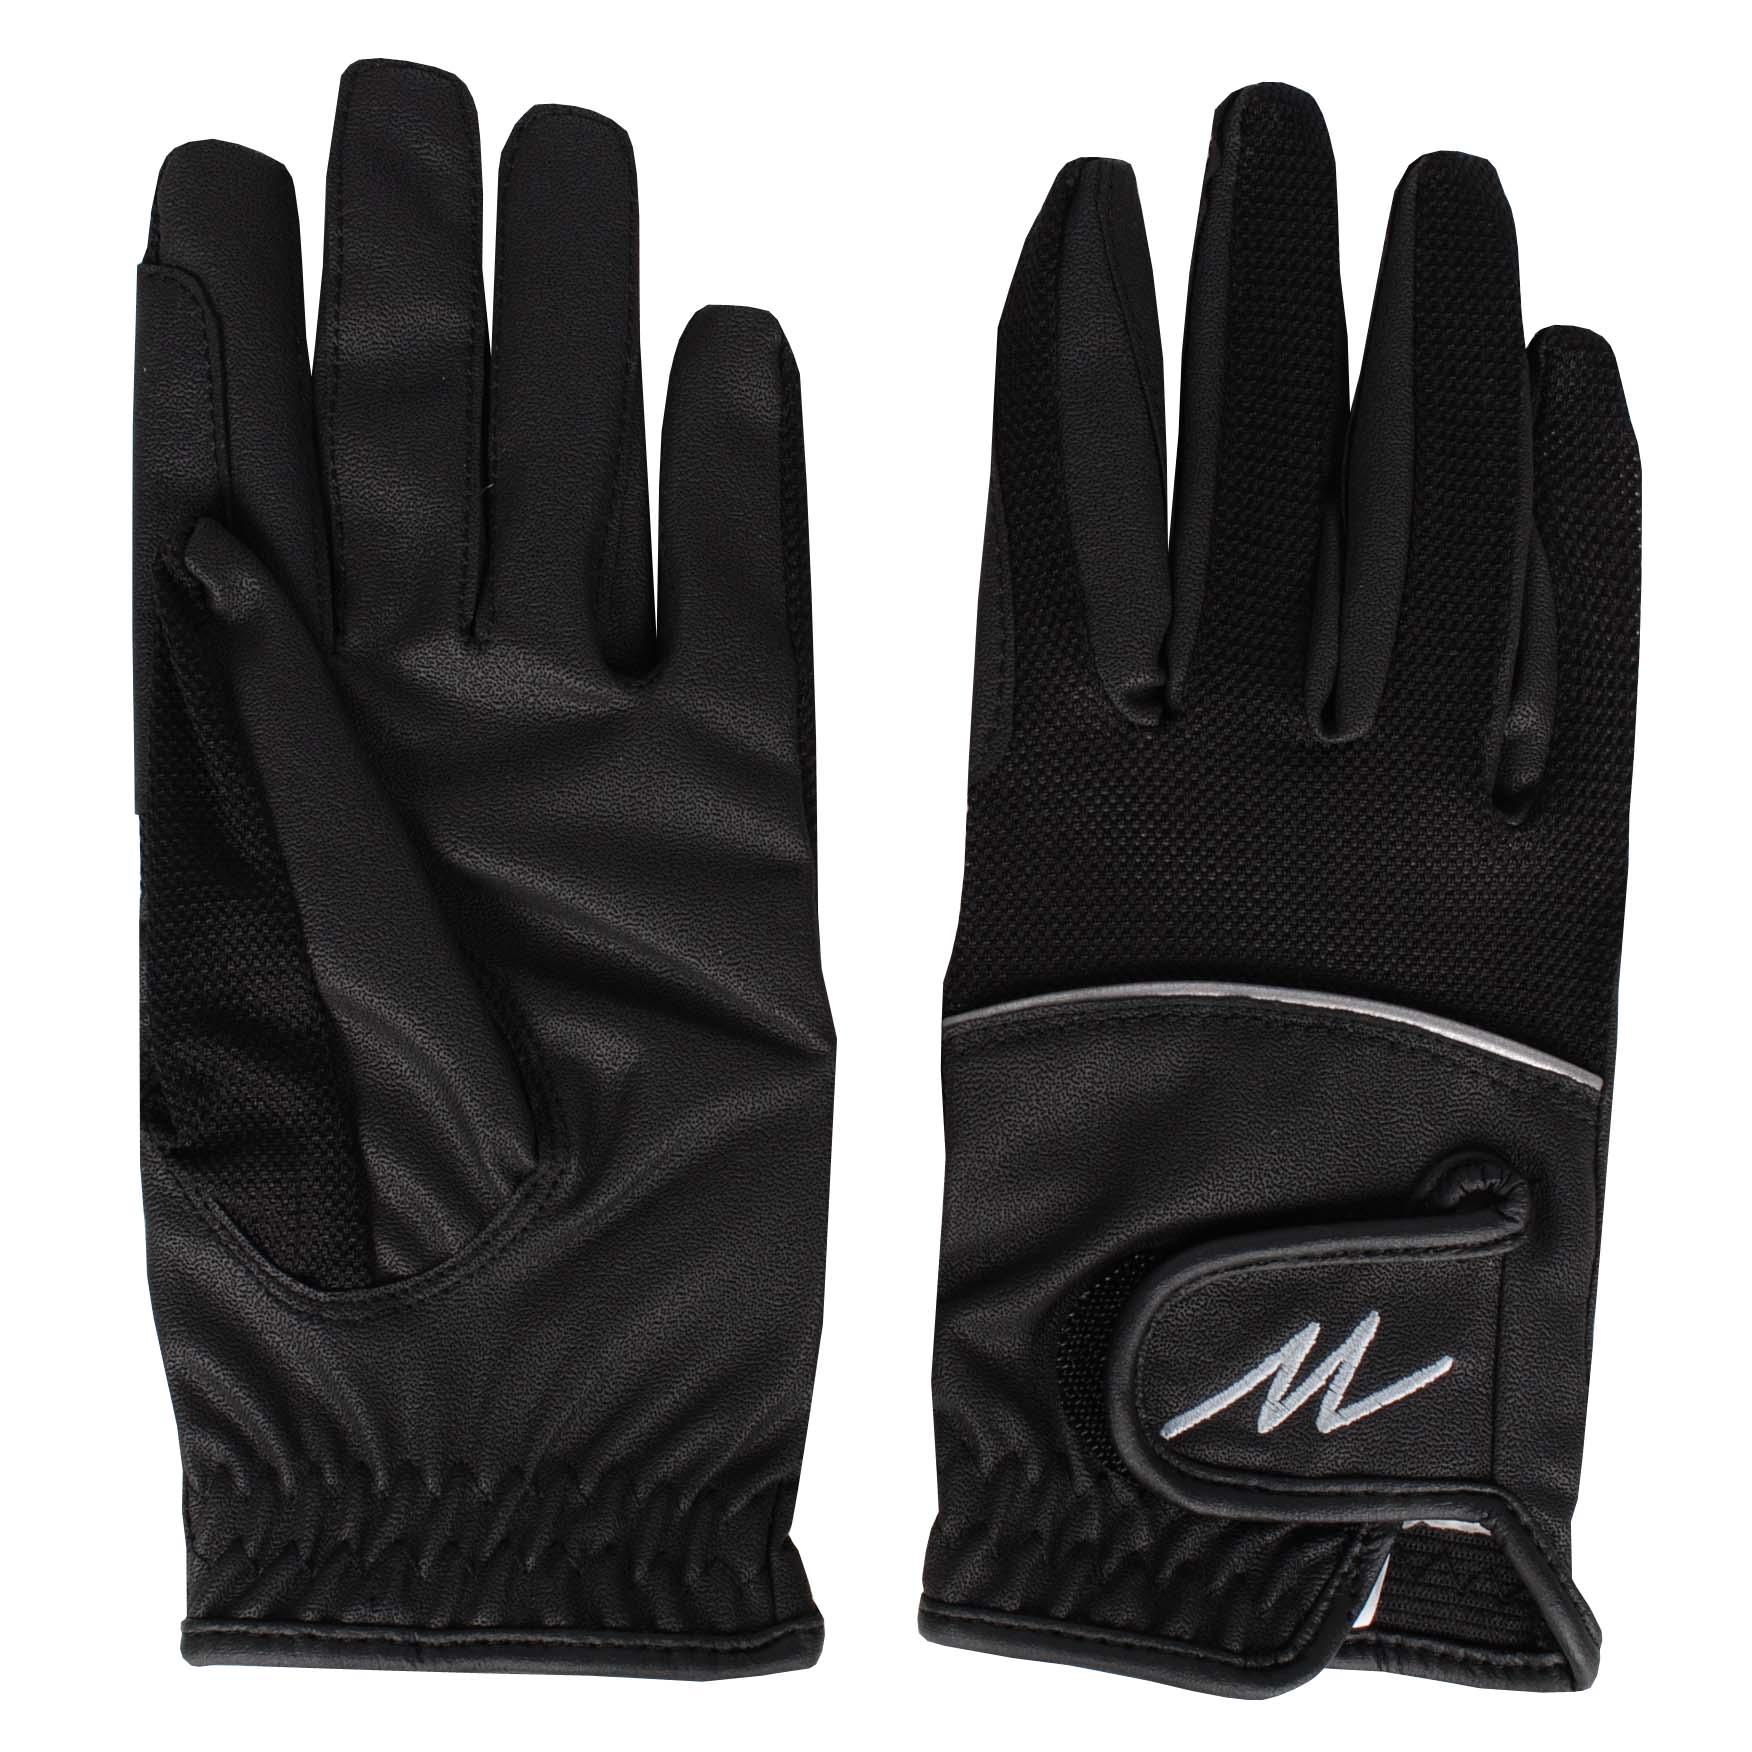 Mondoni Mendoza handschoenen zwart maat:xs